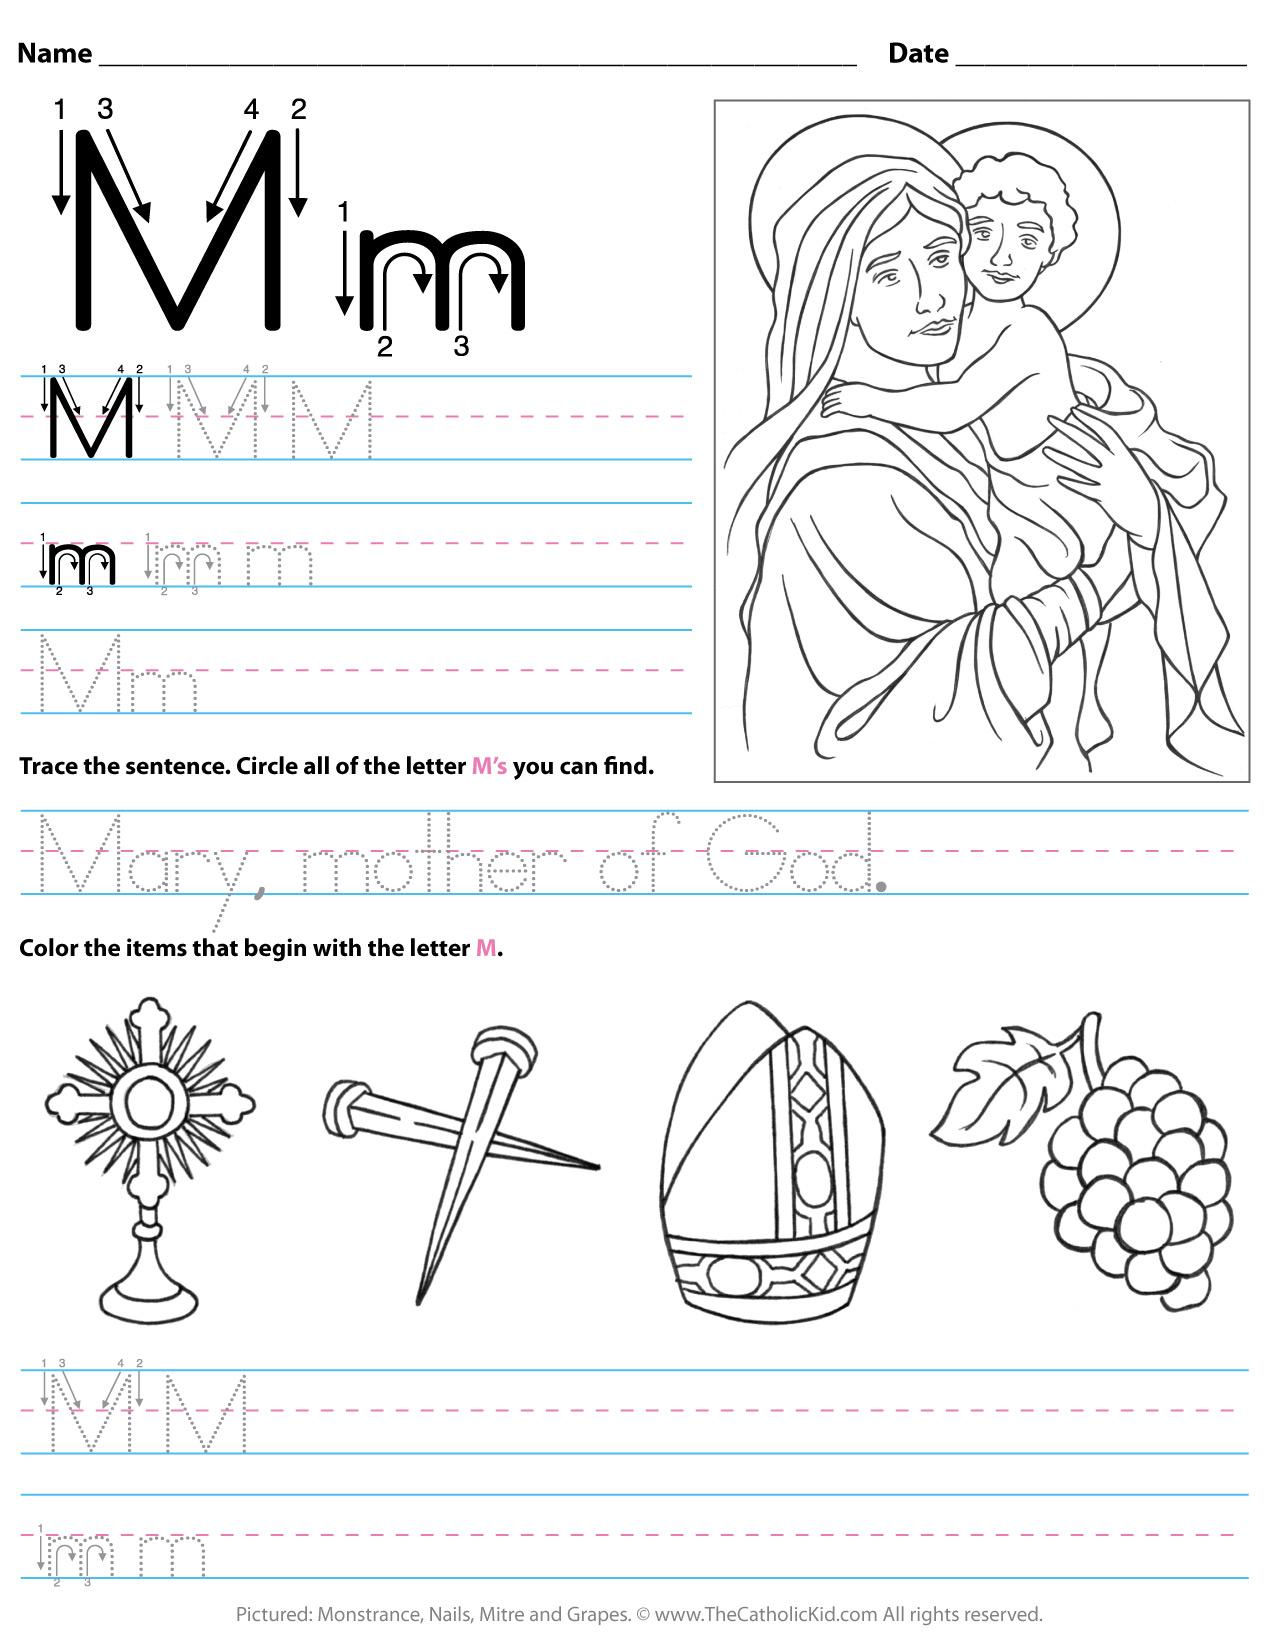 Catholic Alphabet Letter M Worksheet Preschool Kindergarten intended for Letter M Worksheets For Pre K